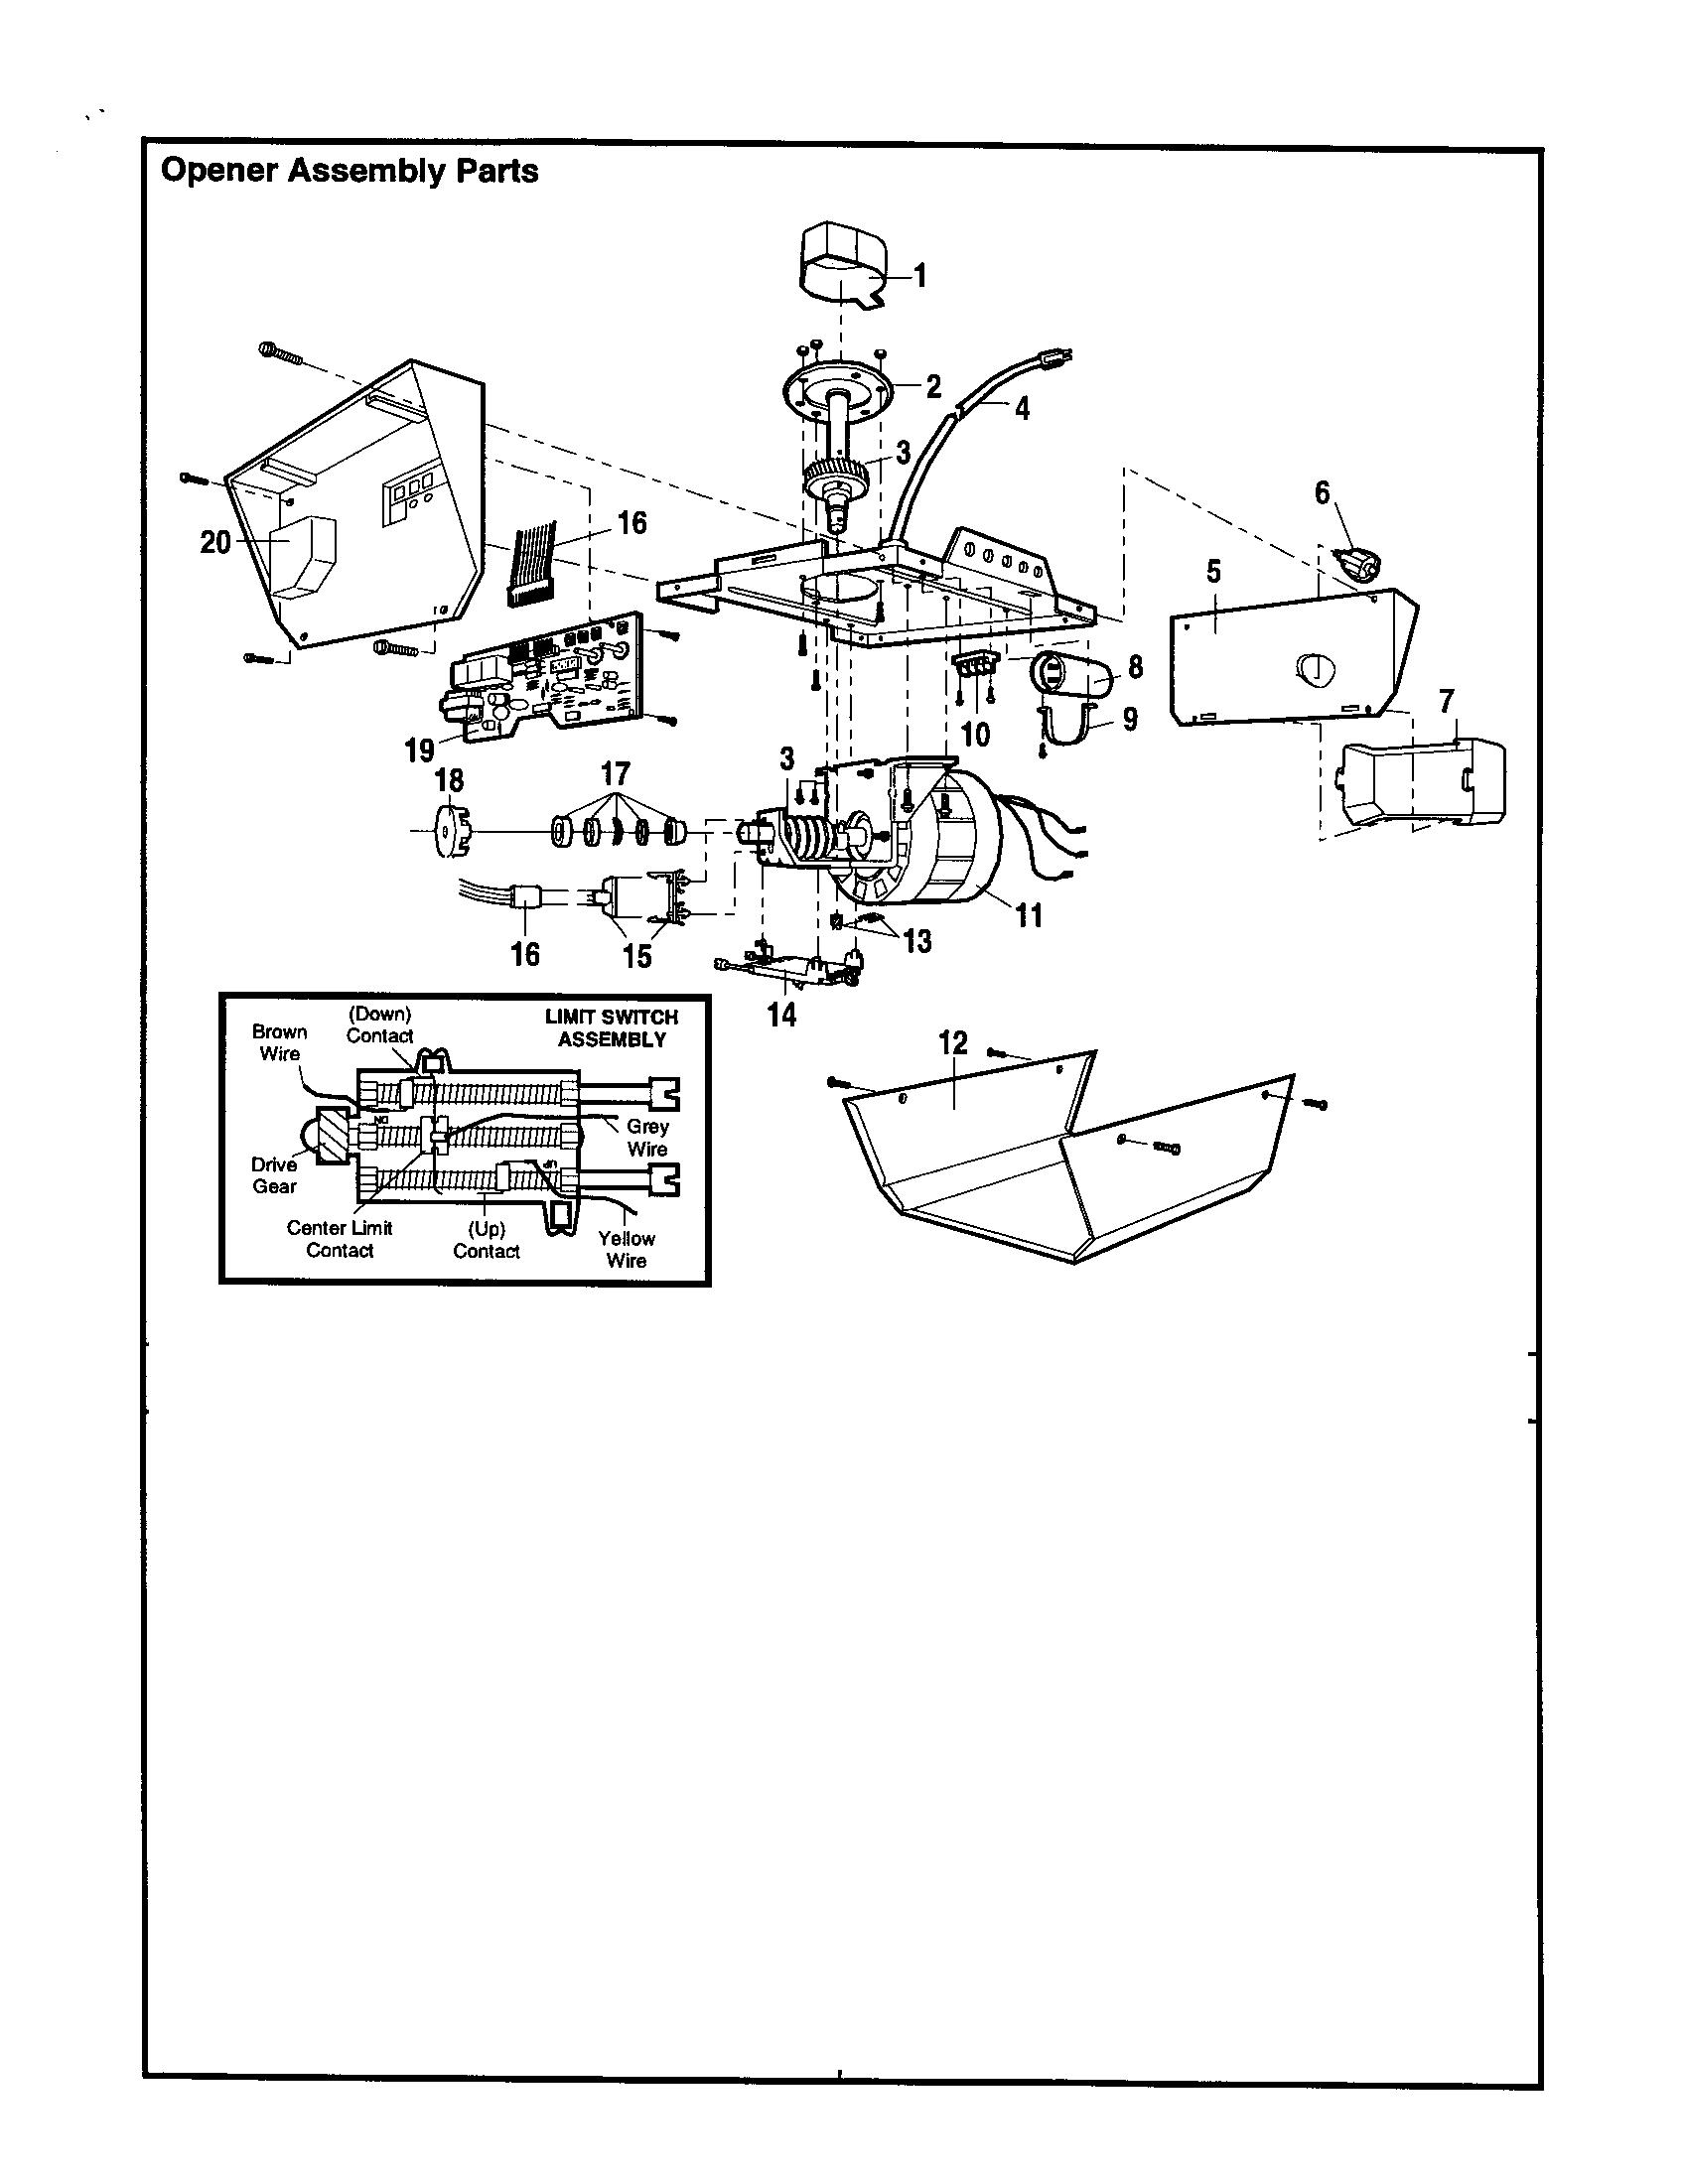 Opener Assembly Diagram Amp Parts List For Model Srt